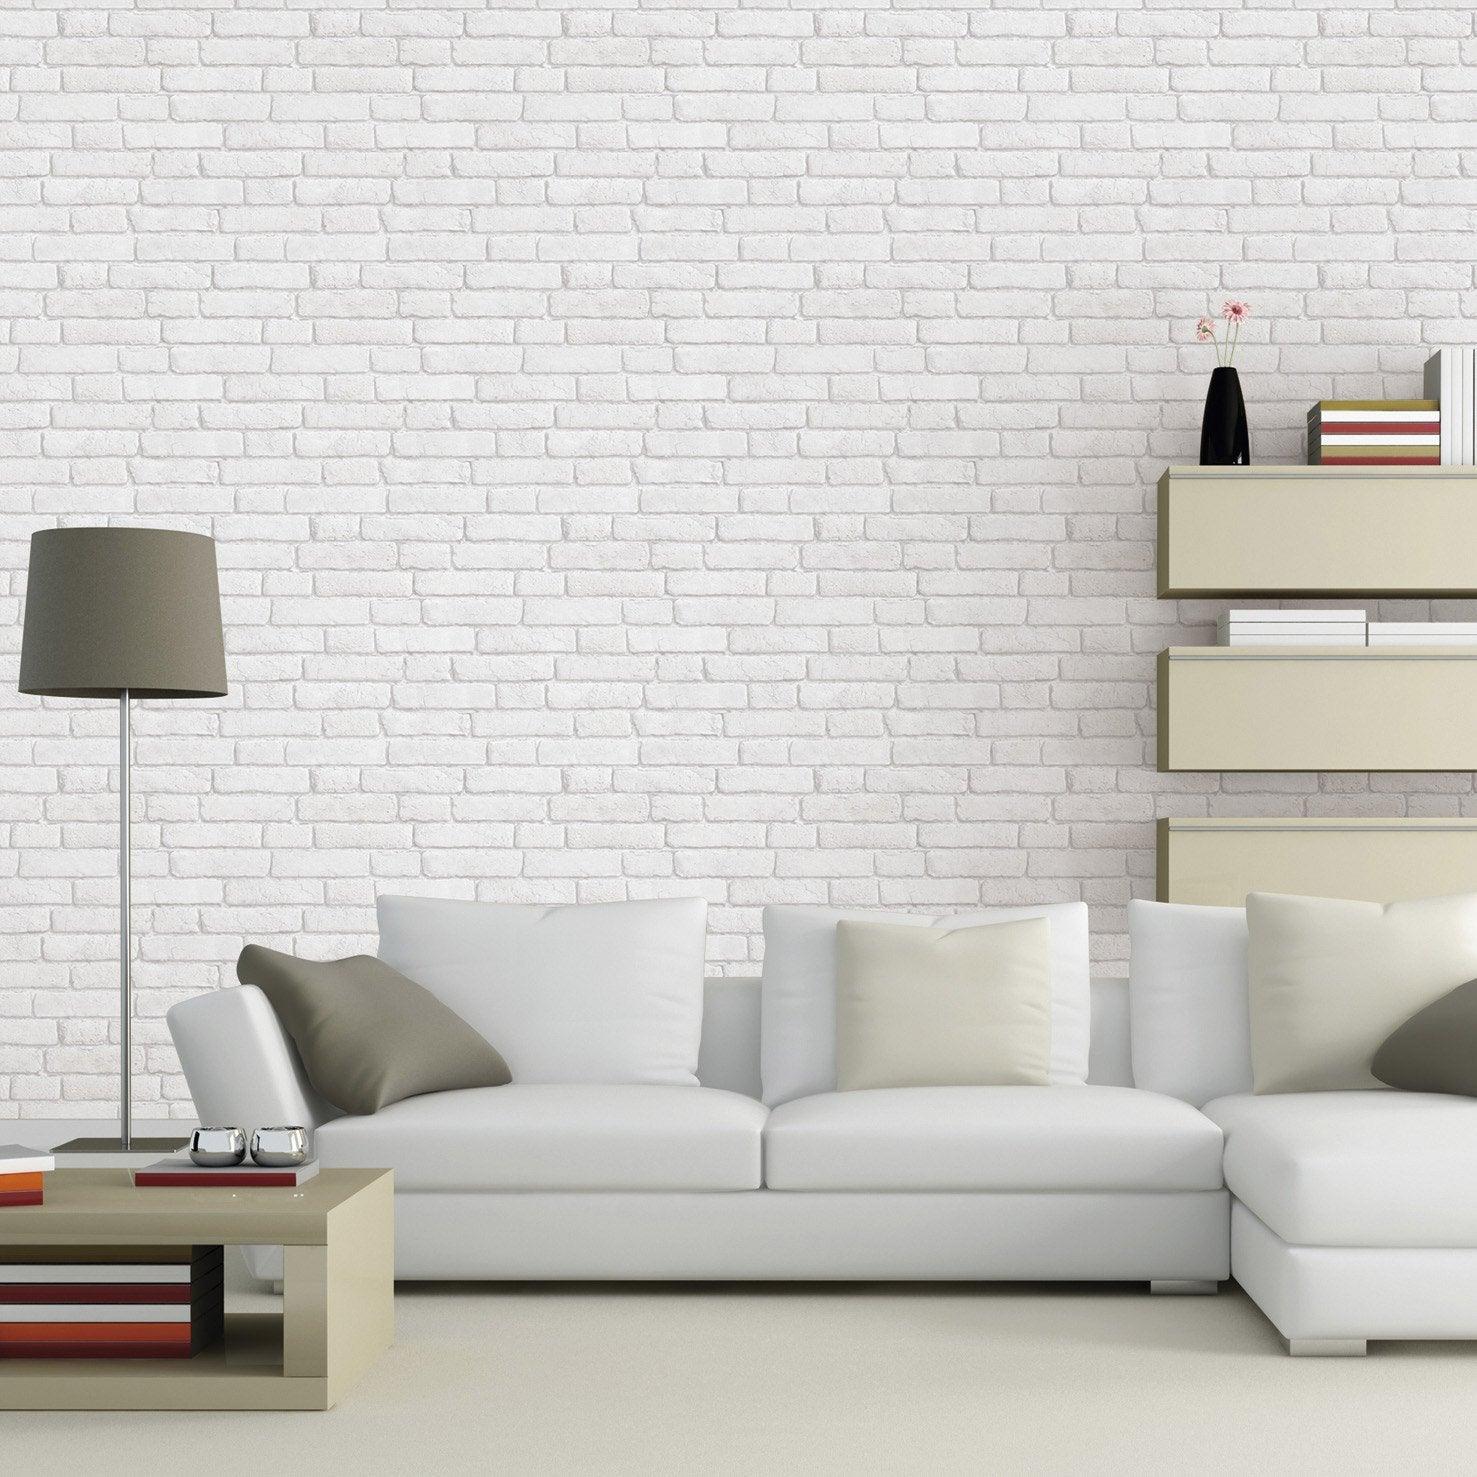 Papier peint intiss briques anciennes blanc leroy merlin - Decoration murale avec papier peint ...